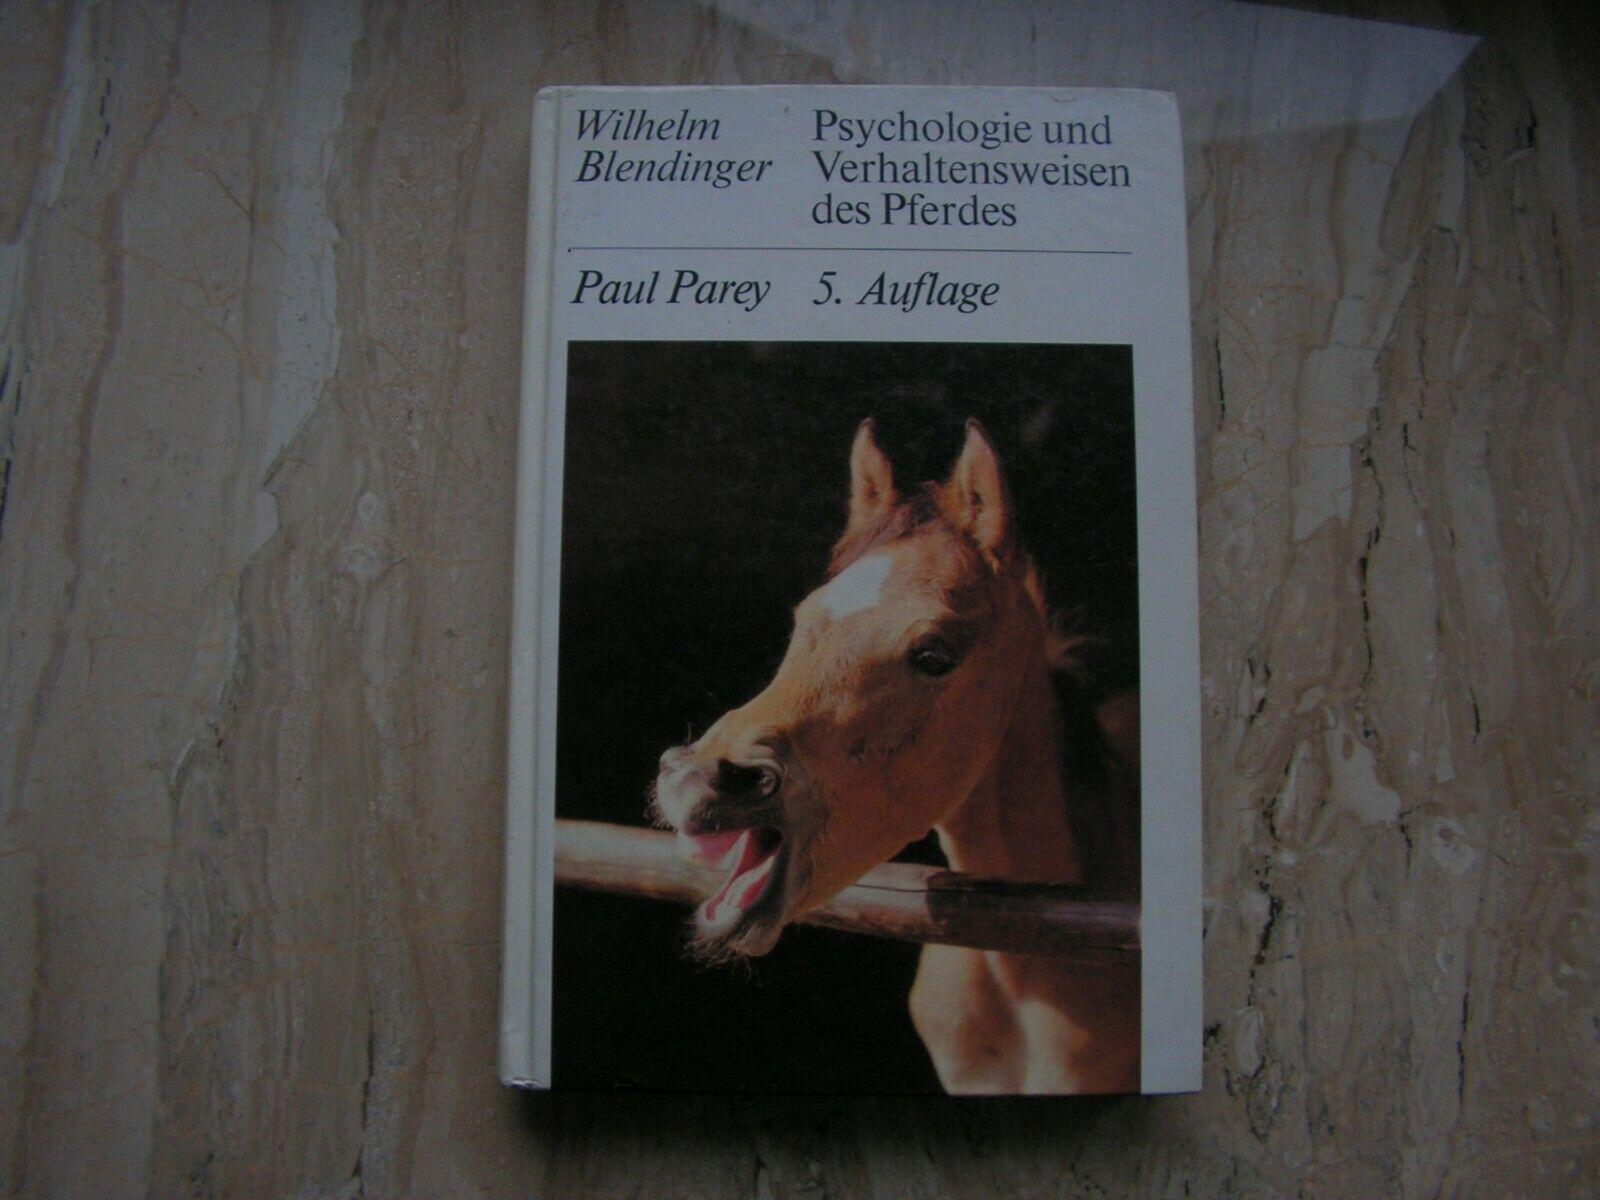 Wilhelm Blendinger – Psychologie und Verhaltensweisen des Pferdes